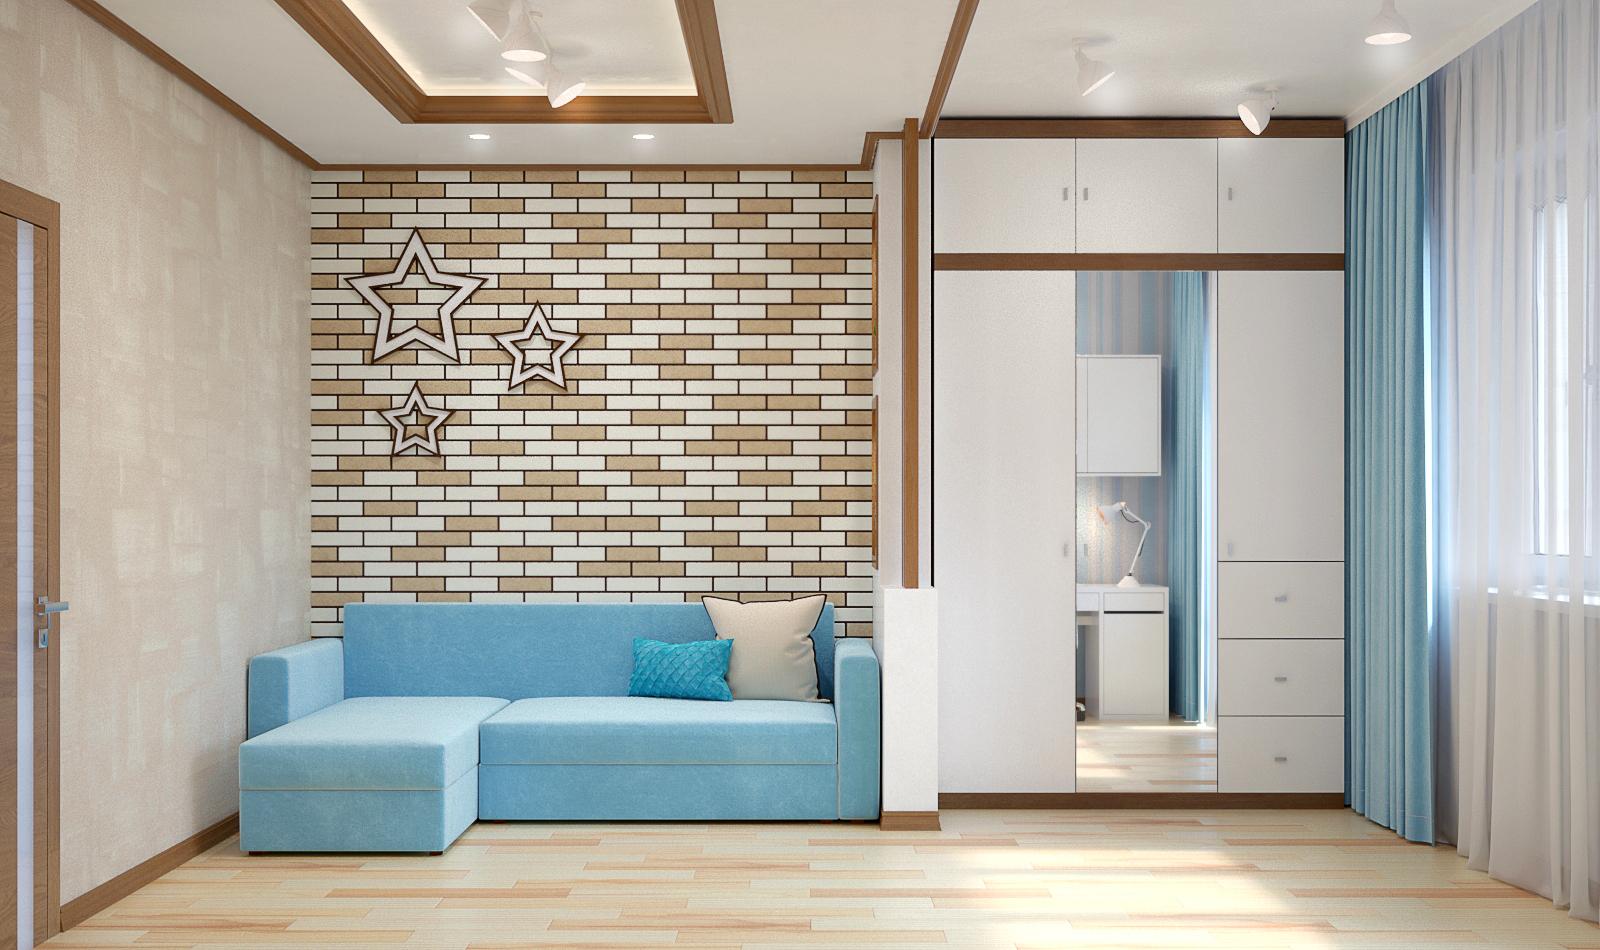 Дизайн проект детской комнаты (2 варианта)